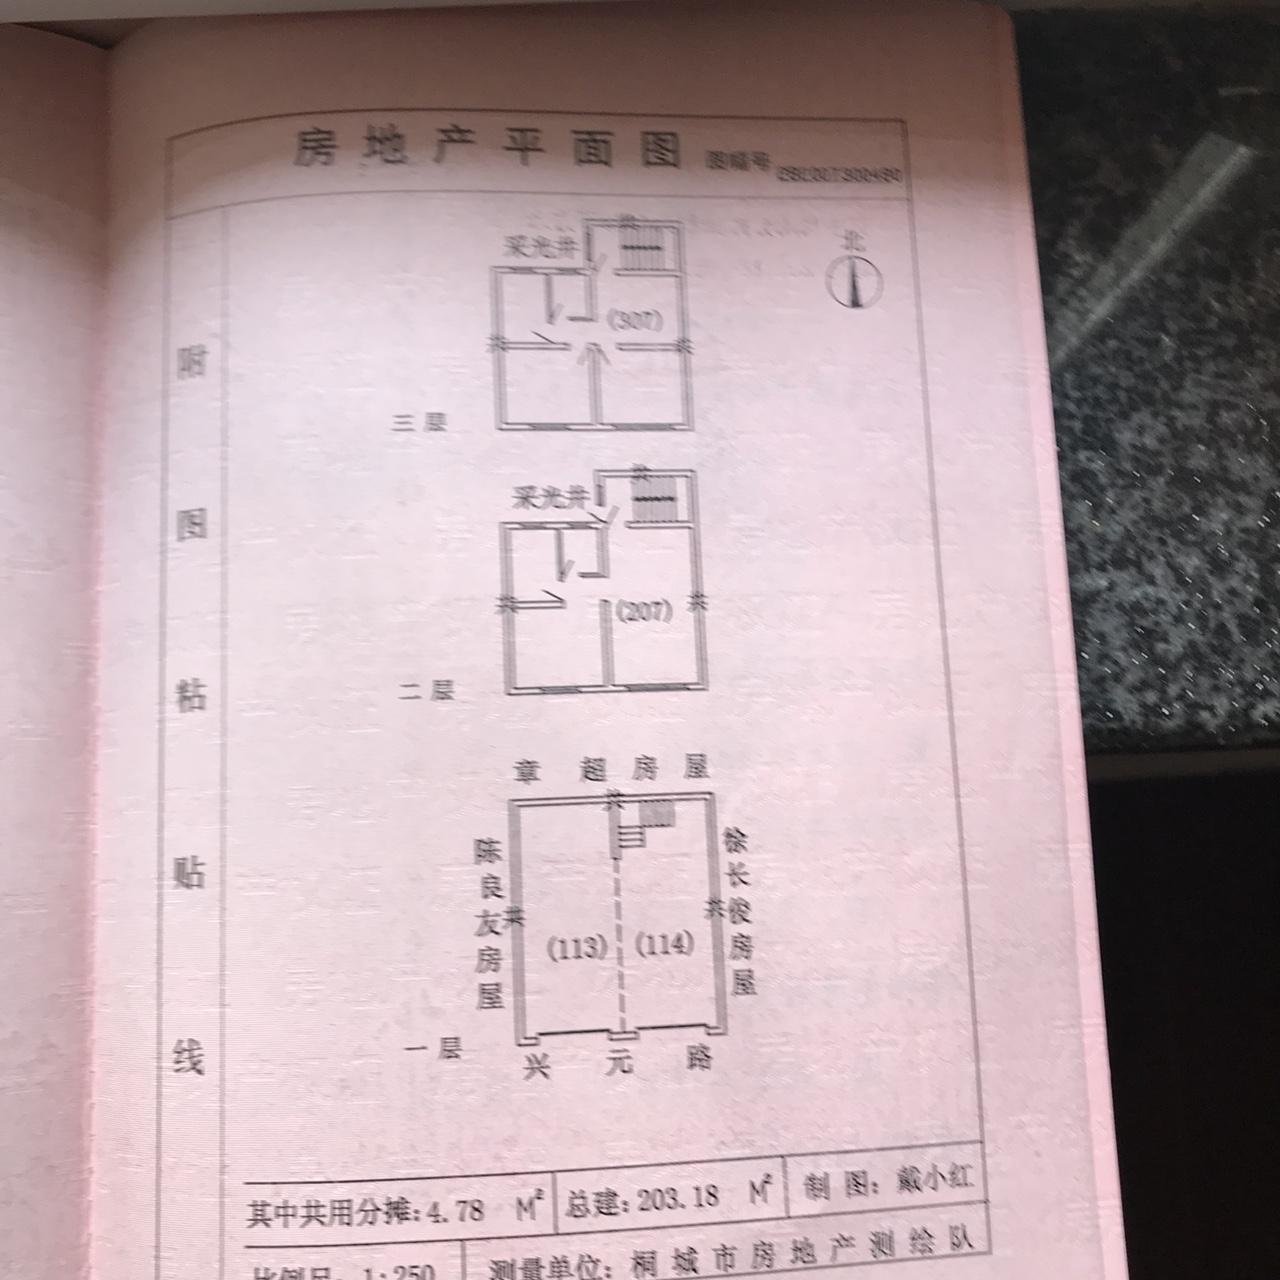 出售安徽桐城朝阳玉雕城,三层楼,两个门面,二三楼住房,因本人全家迁至外省定居。